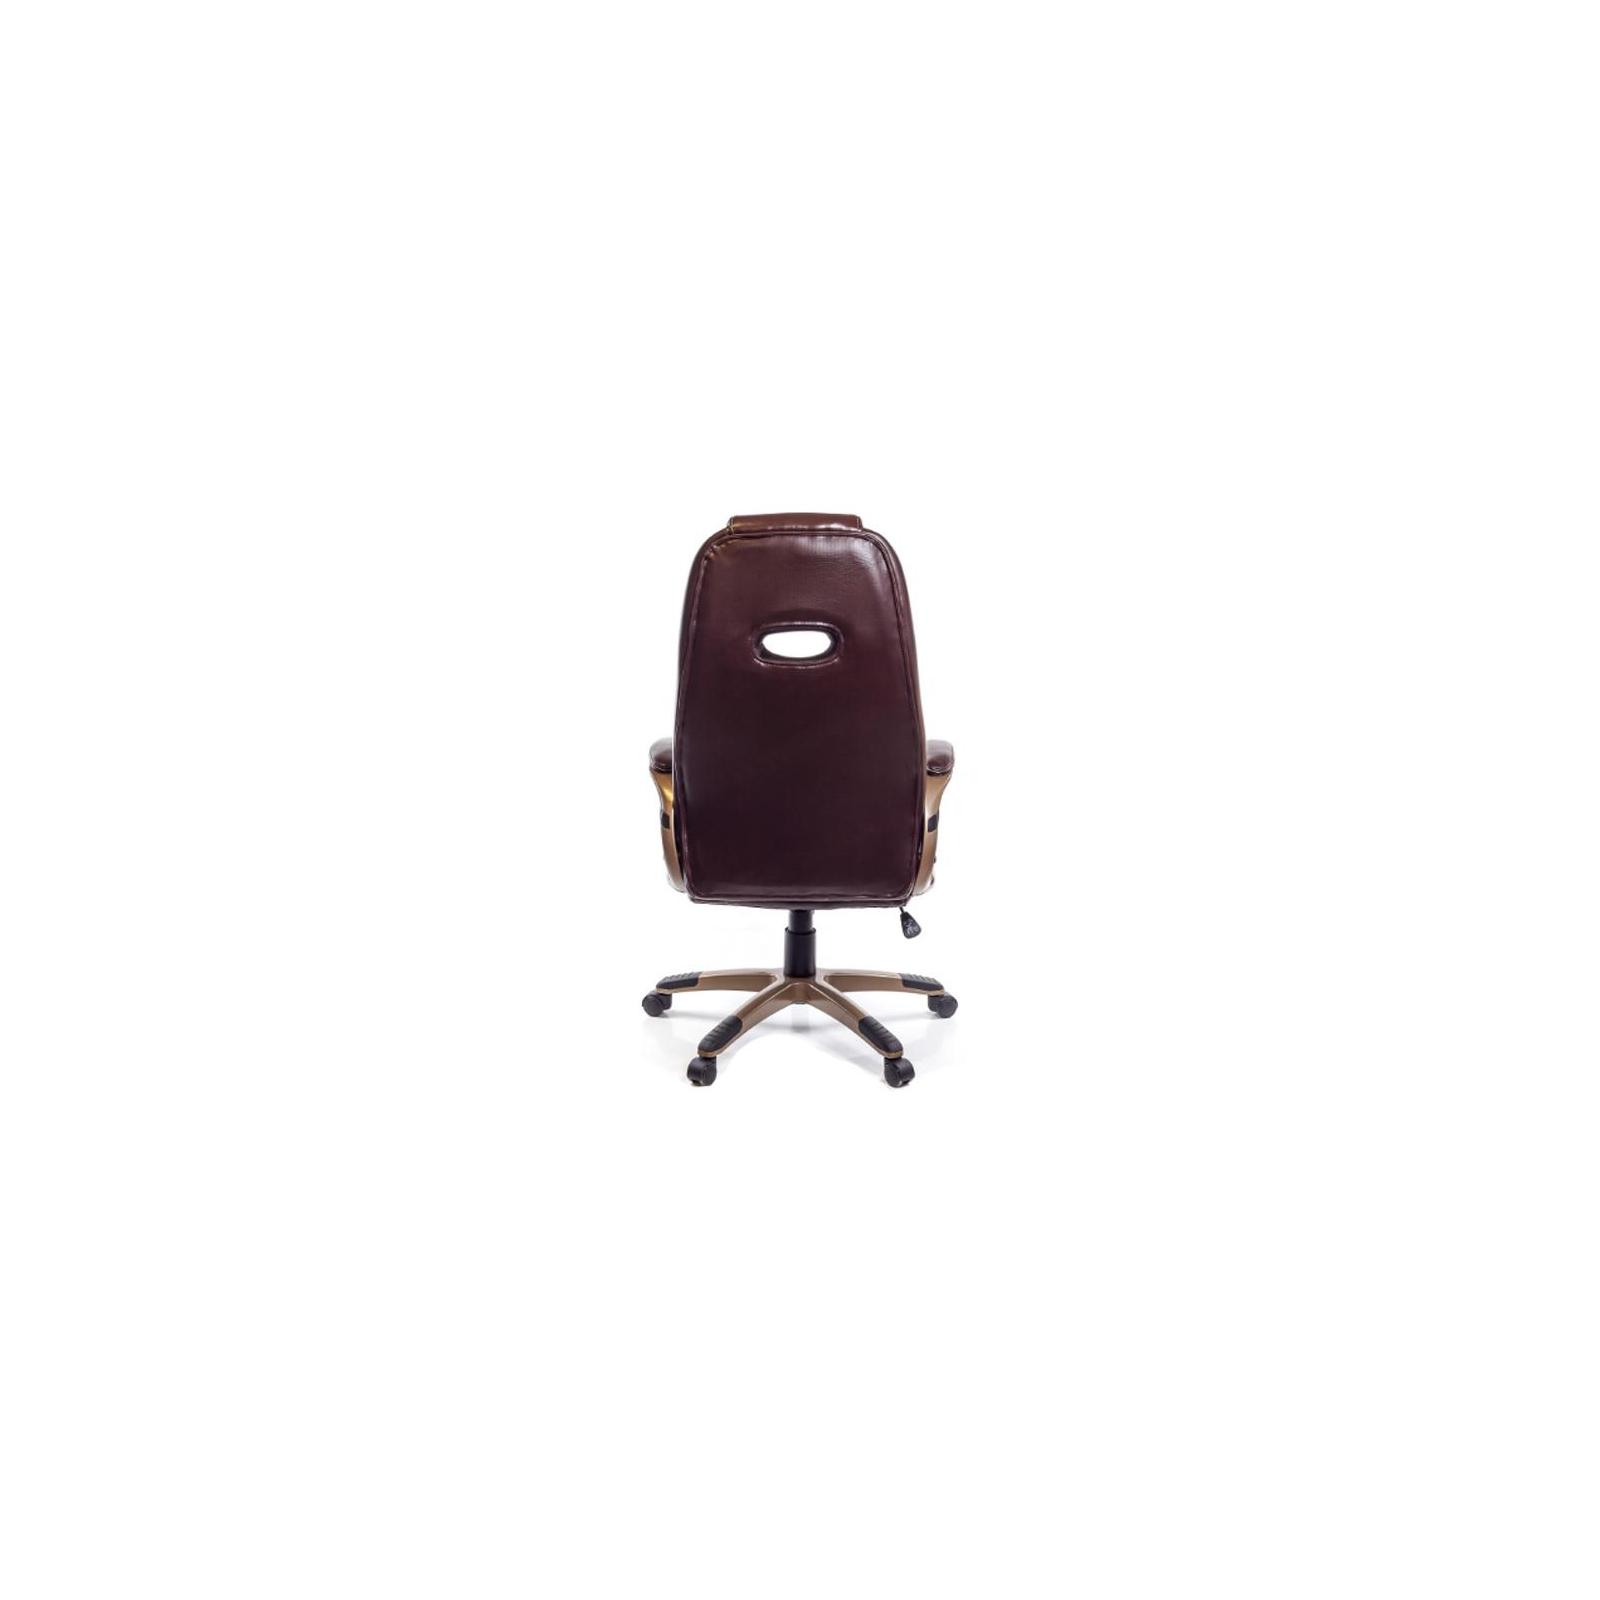 Кресло игровое АКЛАС Брук PL TILT Коричневое (07261) изображение 4